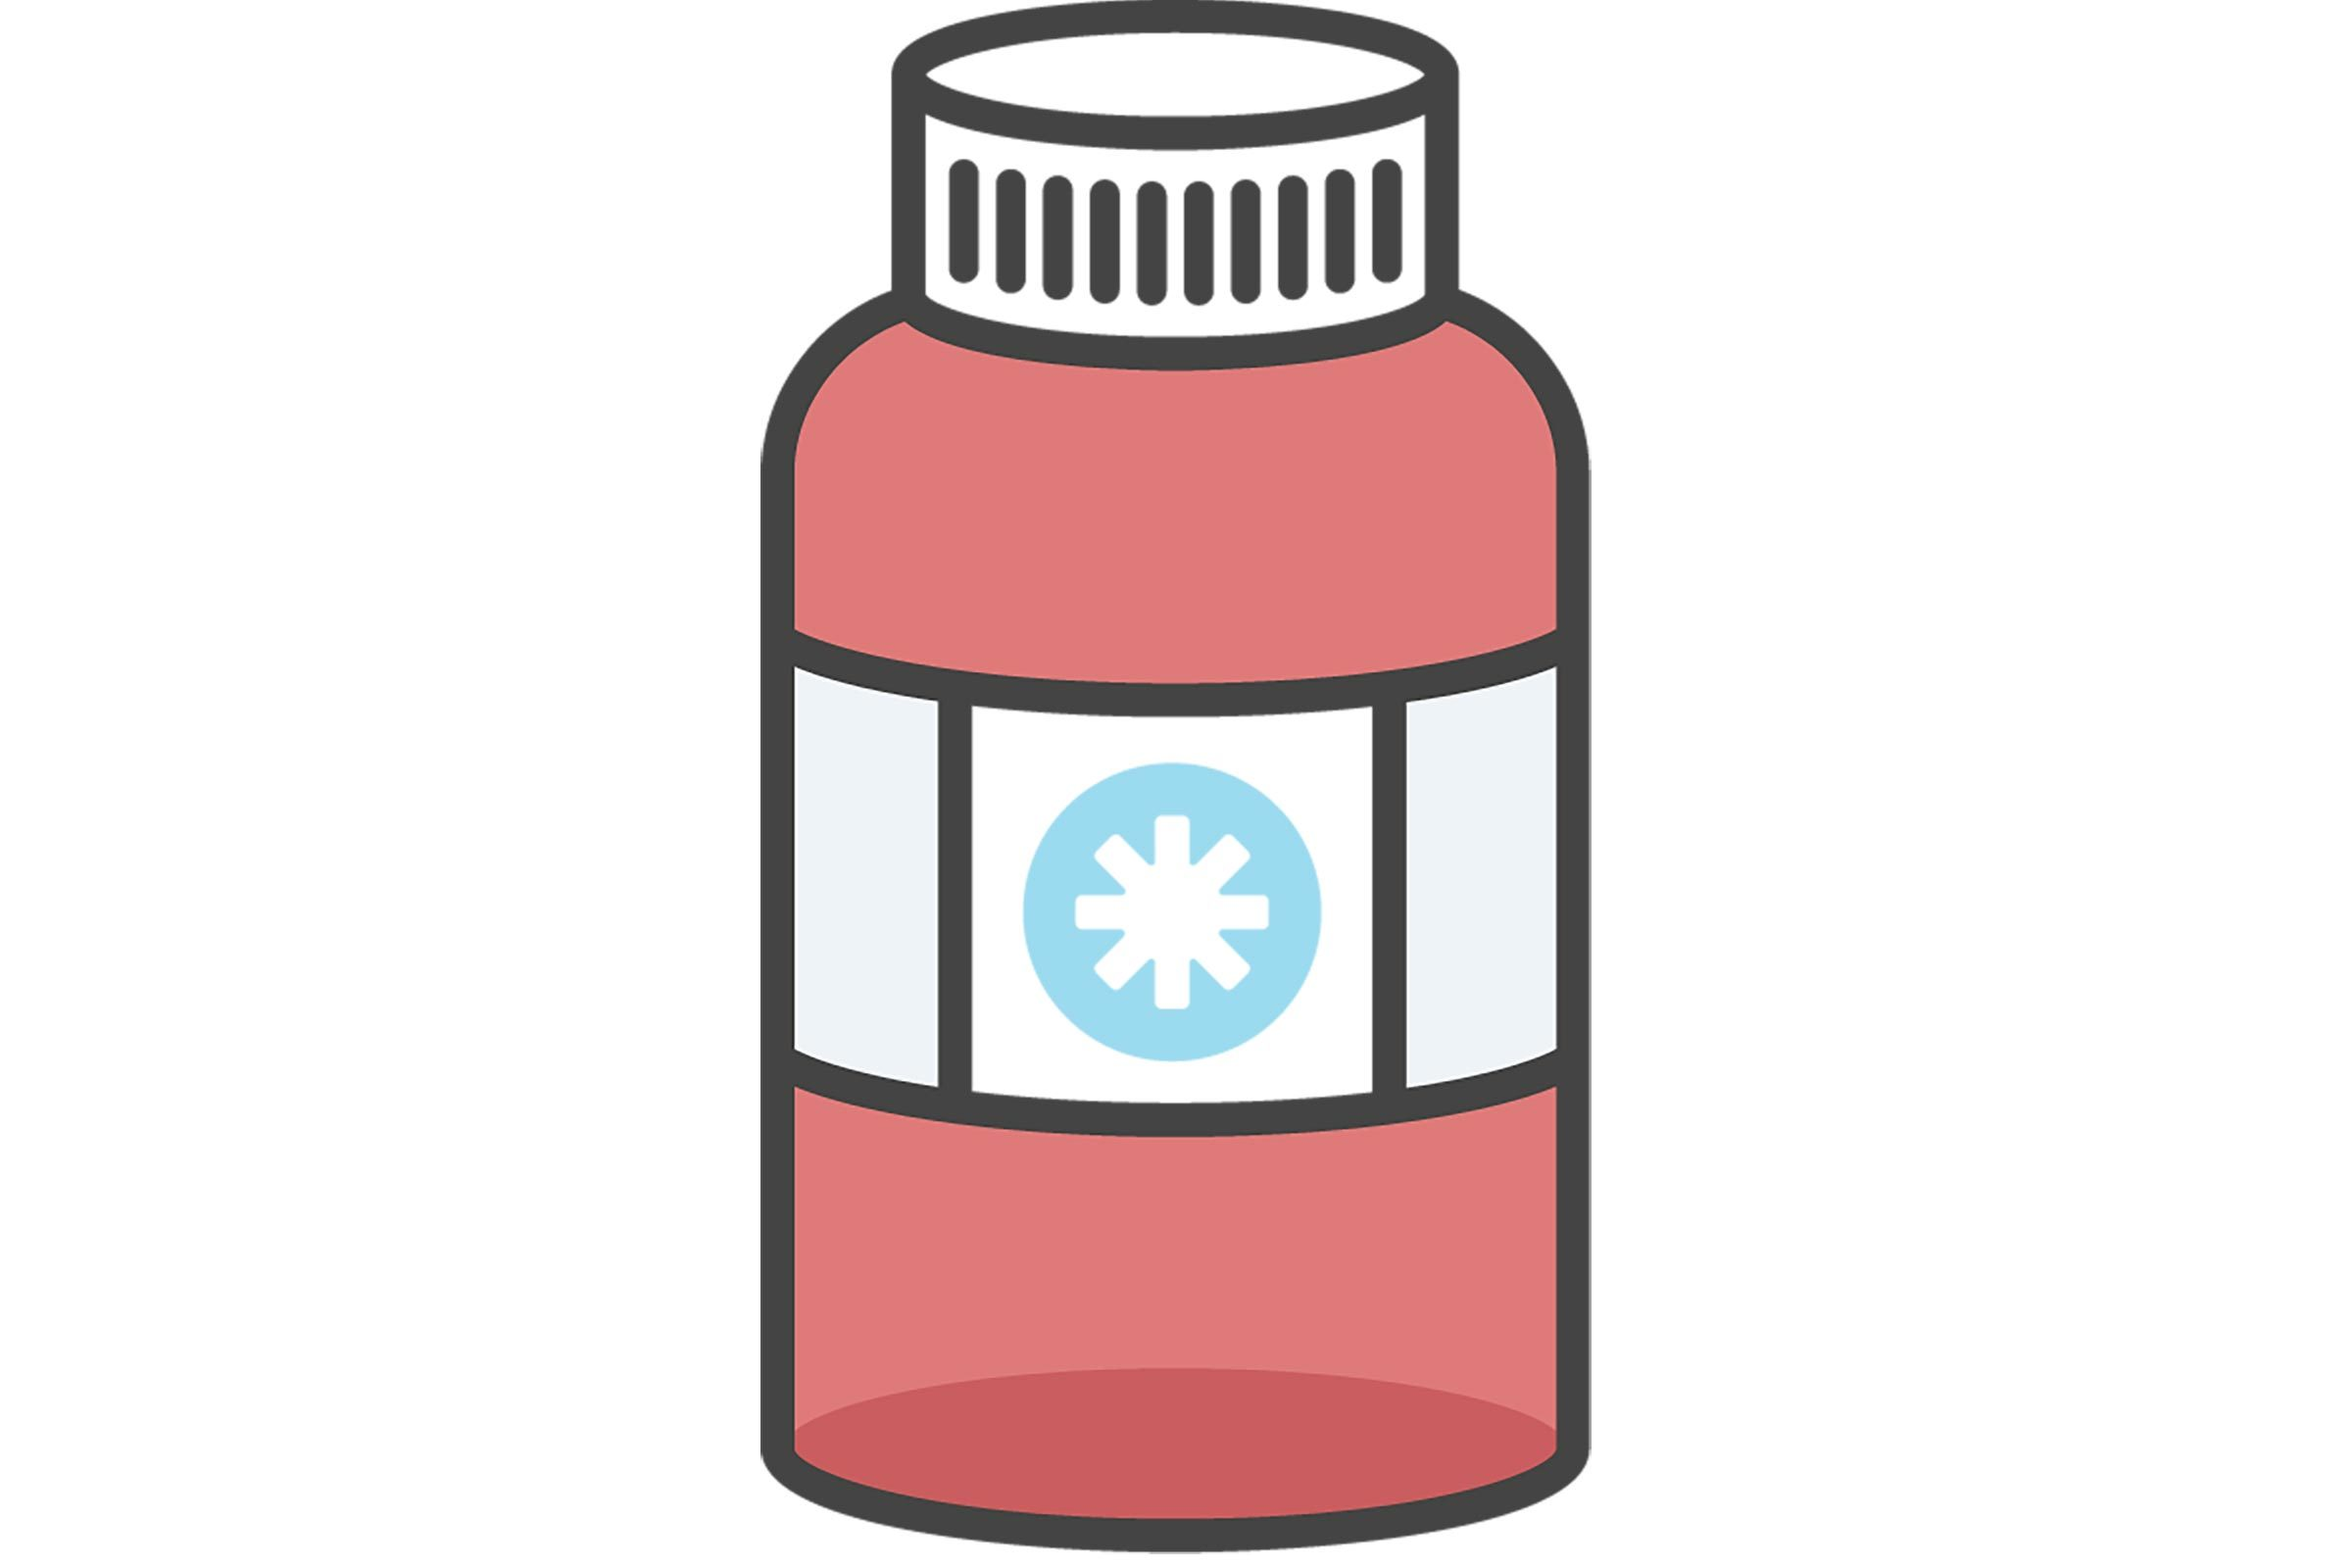 Médicaments: attention si vous prenez des nouveaux médicaments